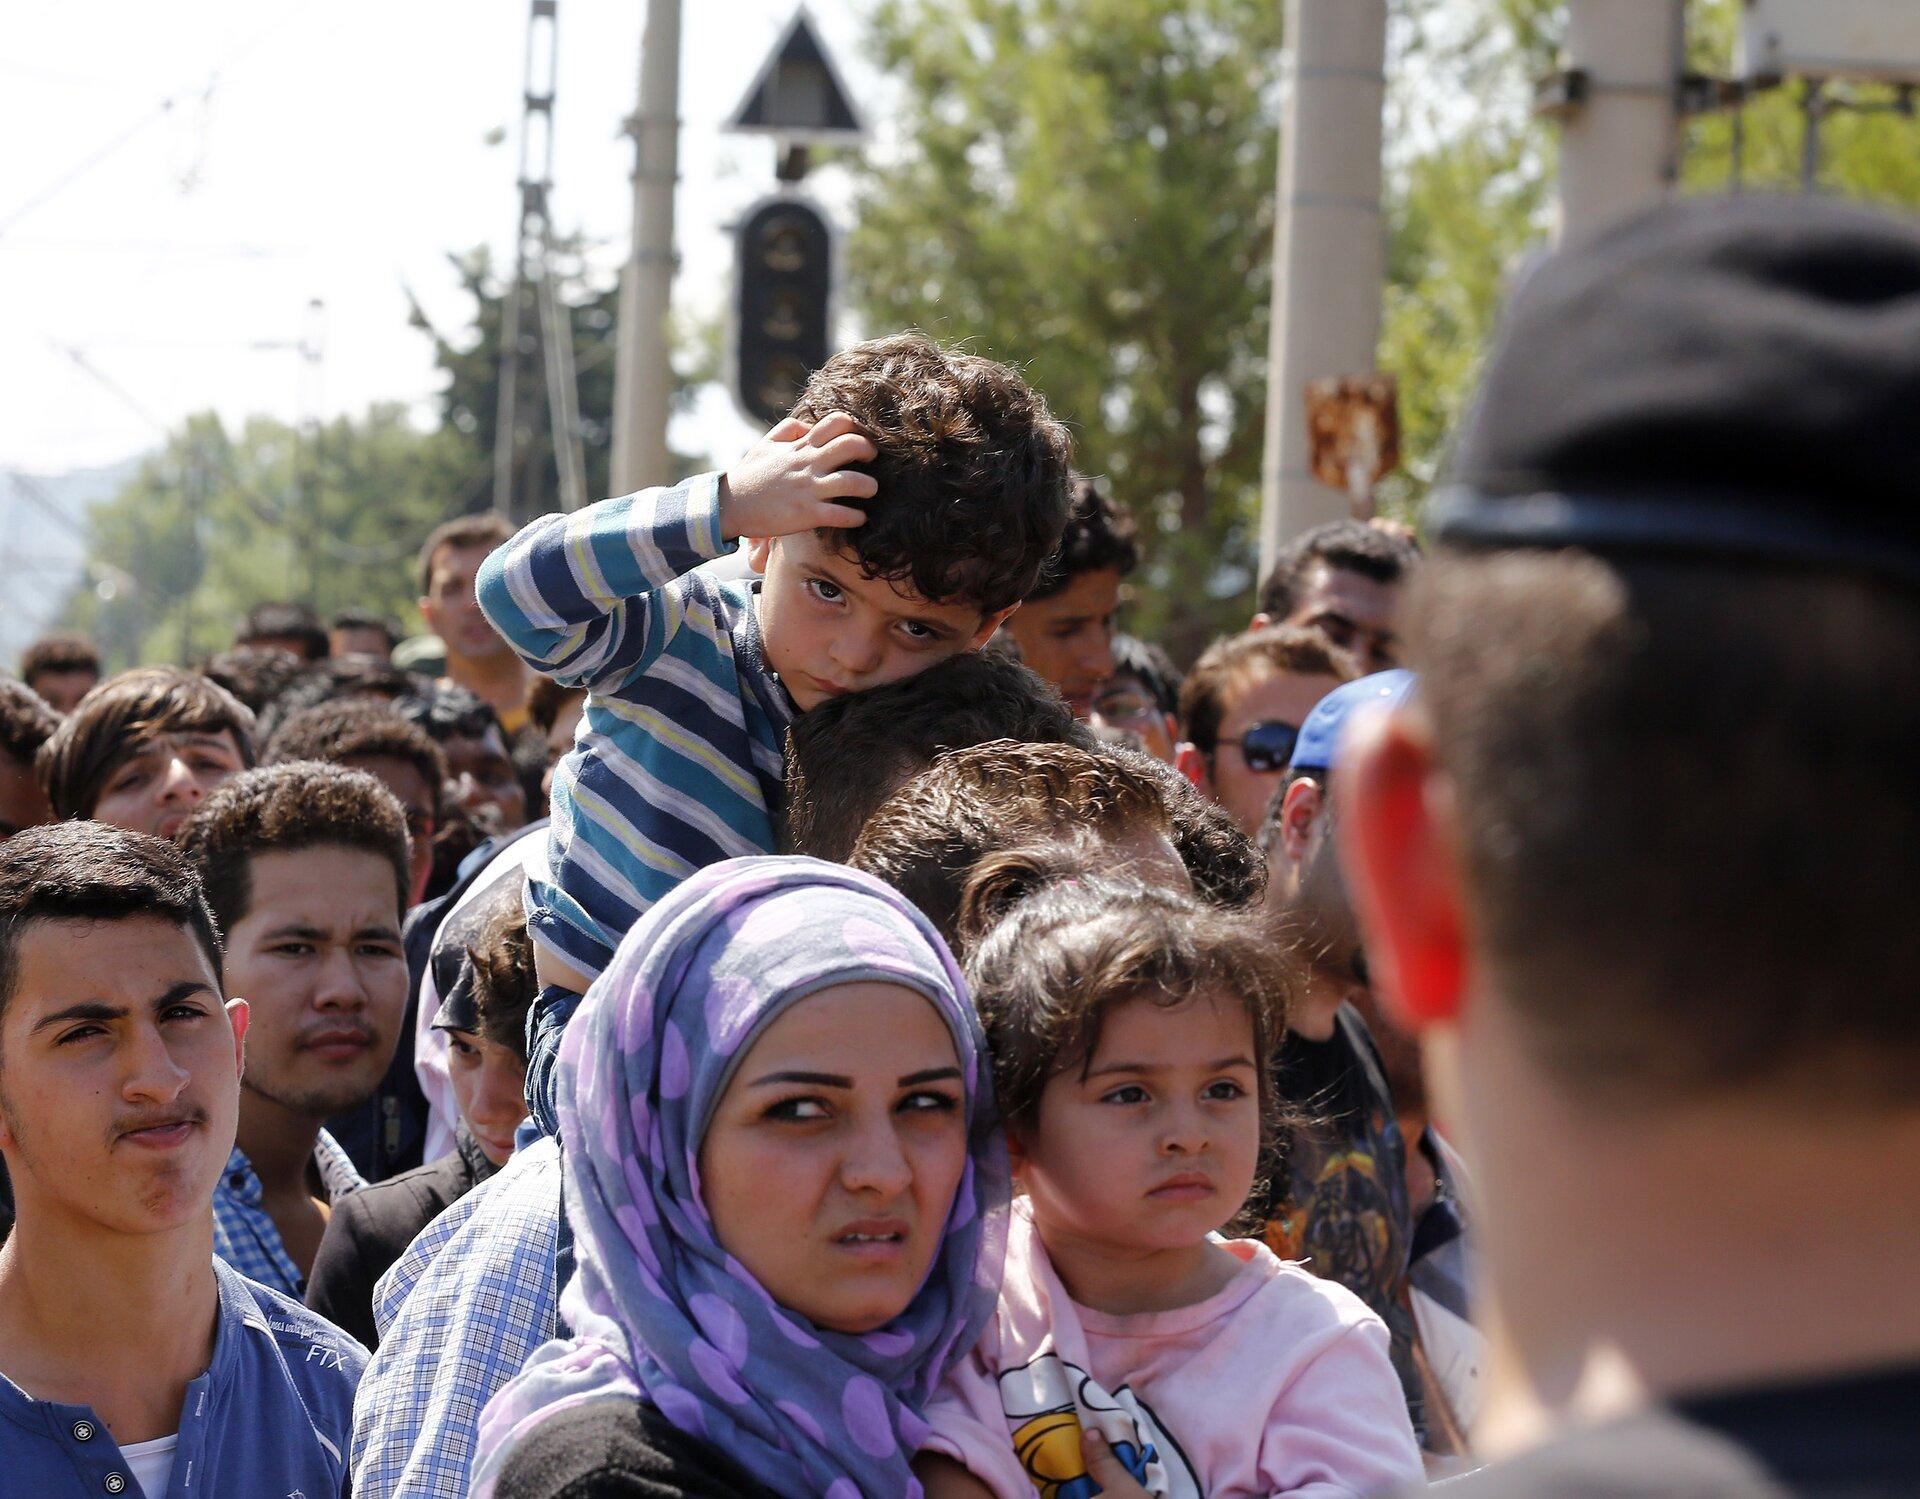 Uchodźcy na granicy grecko-macedońskiej Uchodźcy na granicy grecko-macedońskiej Źródło: Arbeitsbesuch Mazedonien, licencja: CC BY 2.0.